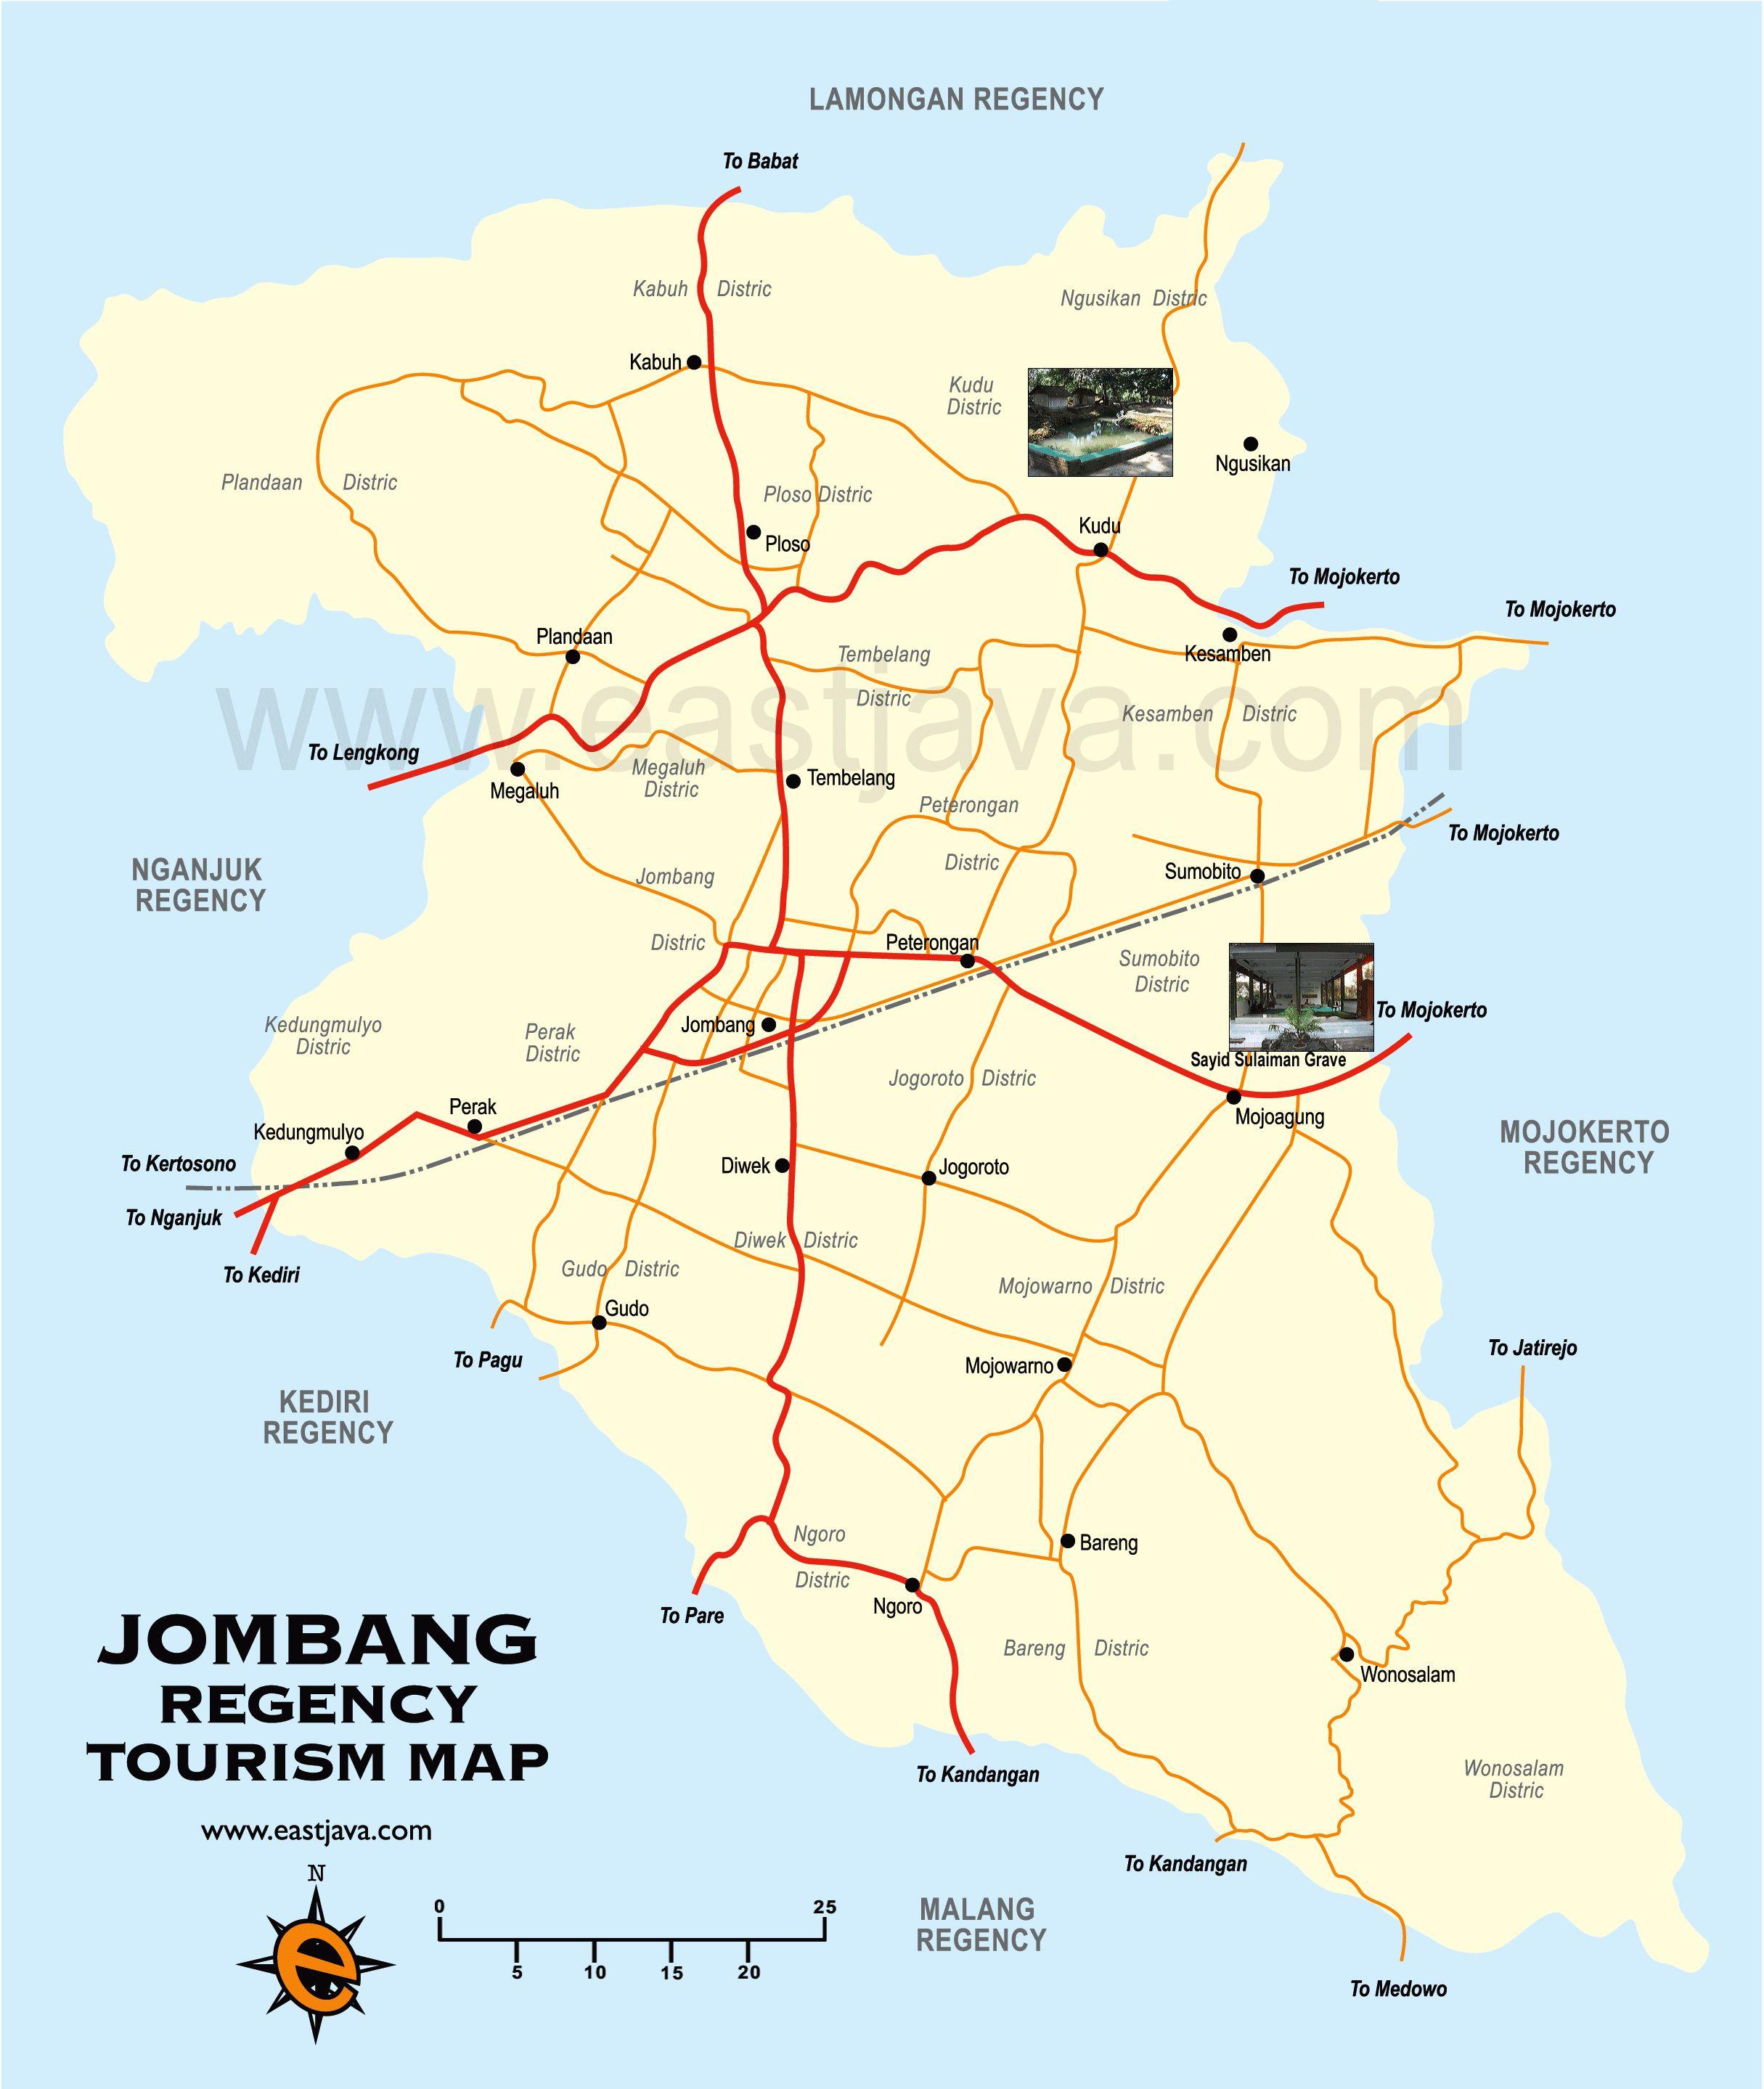 Kumpulan Tempat Wisata Jombang Jawa Timur Gambar Peta Lengkap Terbaru